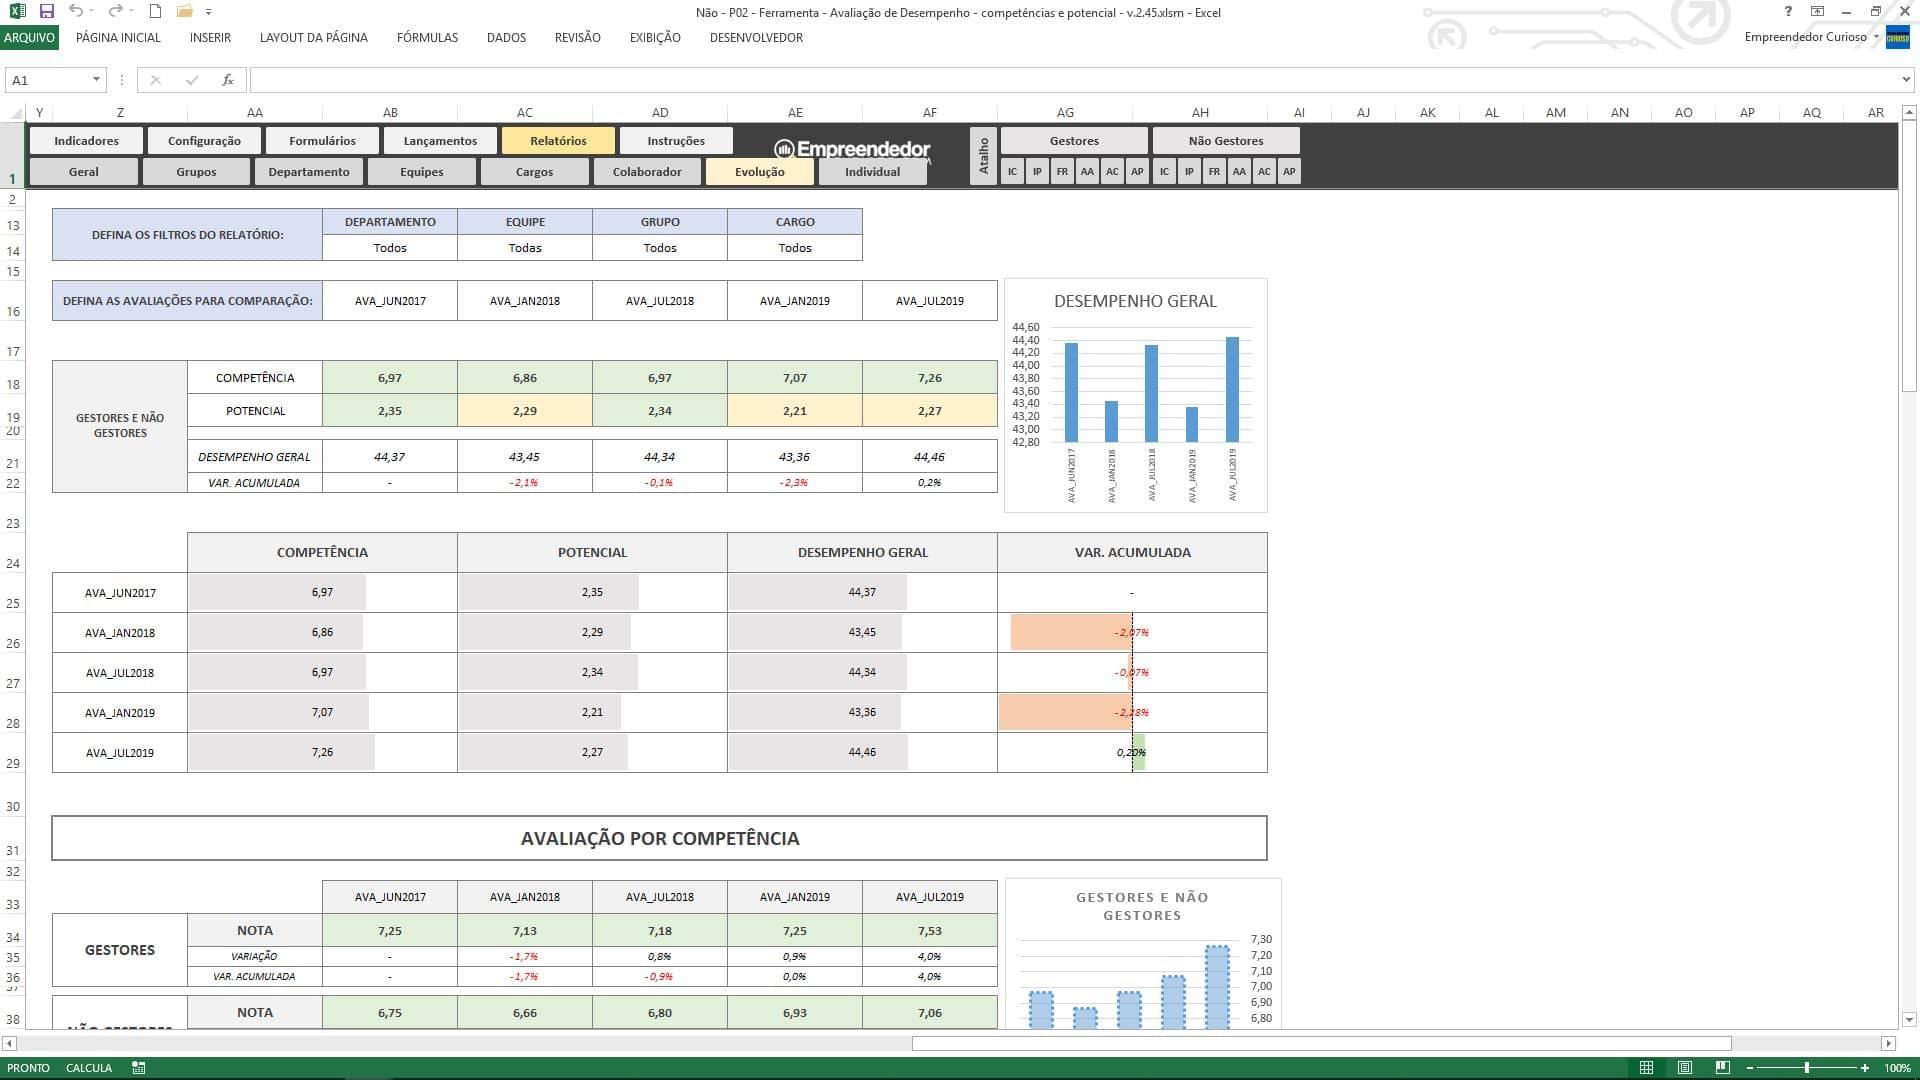 Planilha de avaliação de desempenho de funcionário - Relatório de Evolução do Desempenho de Funcionários